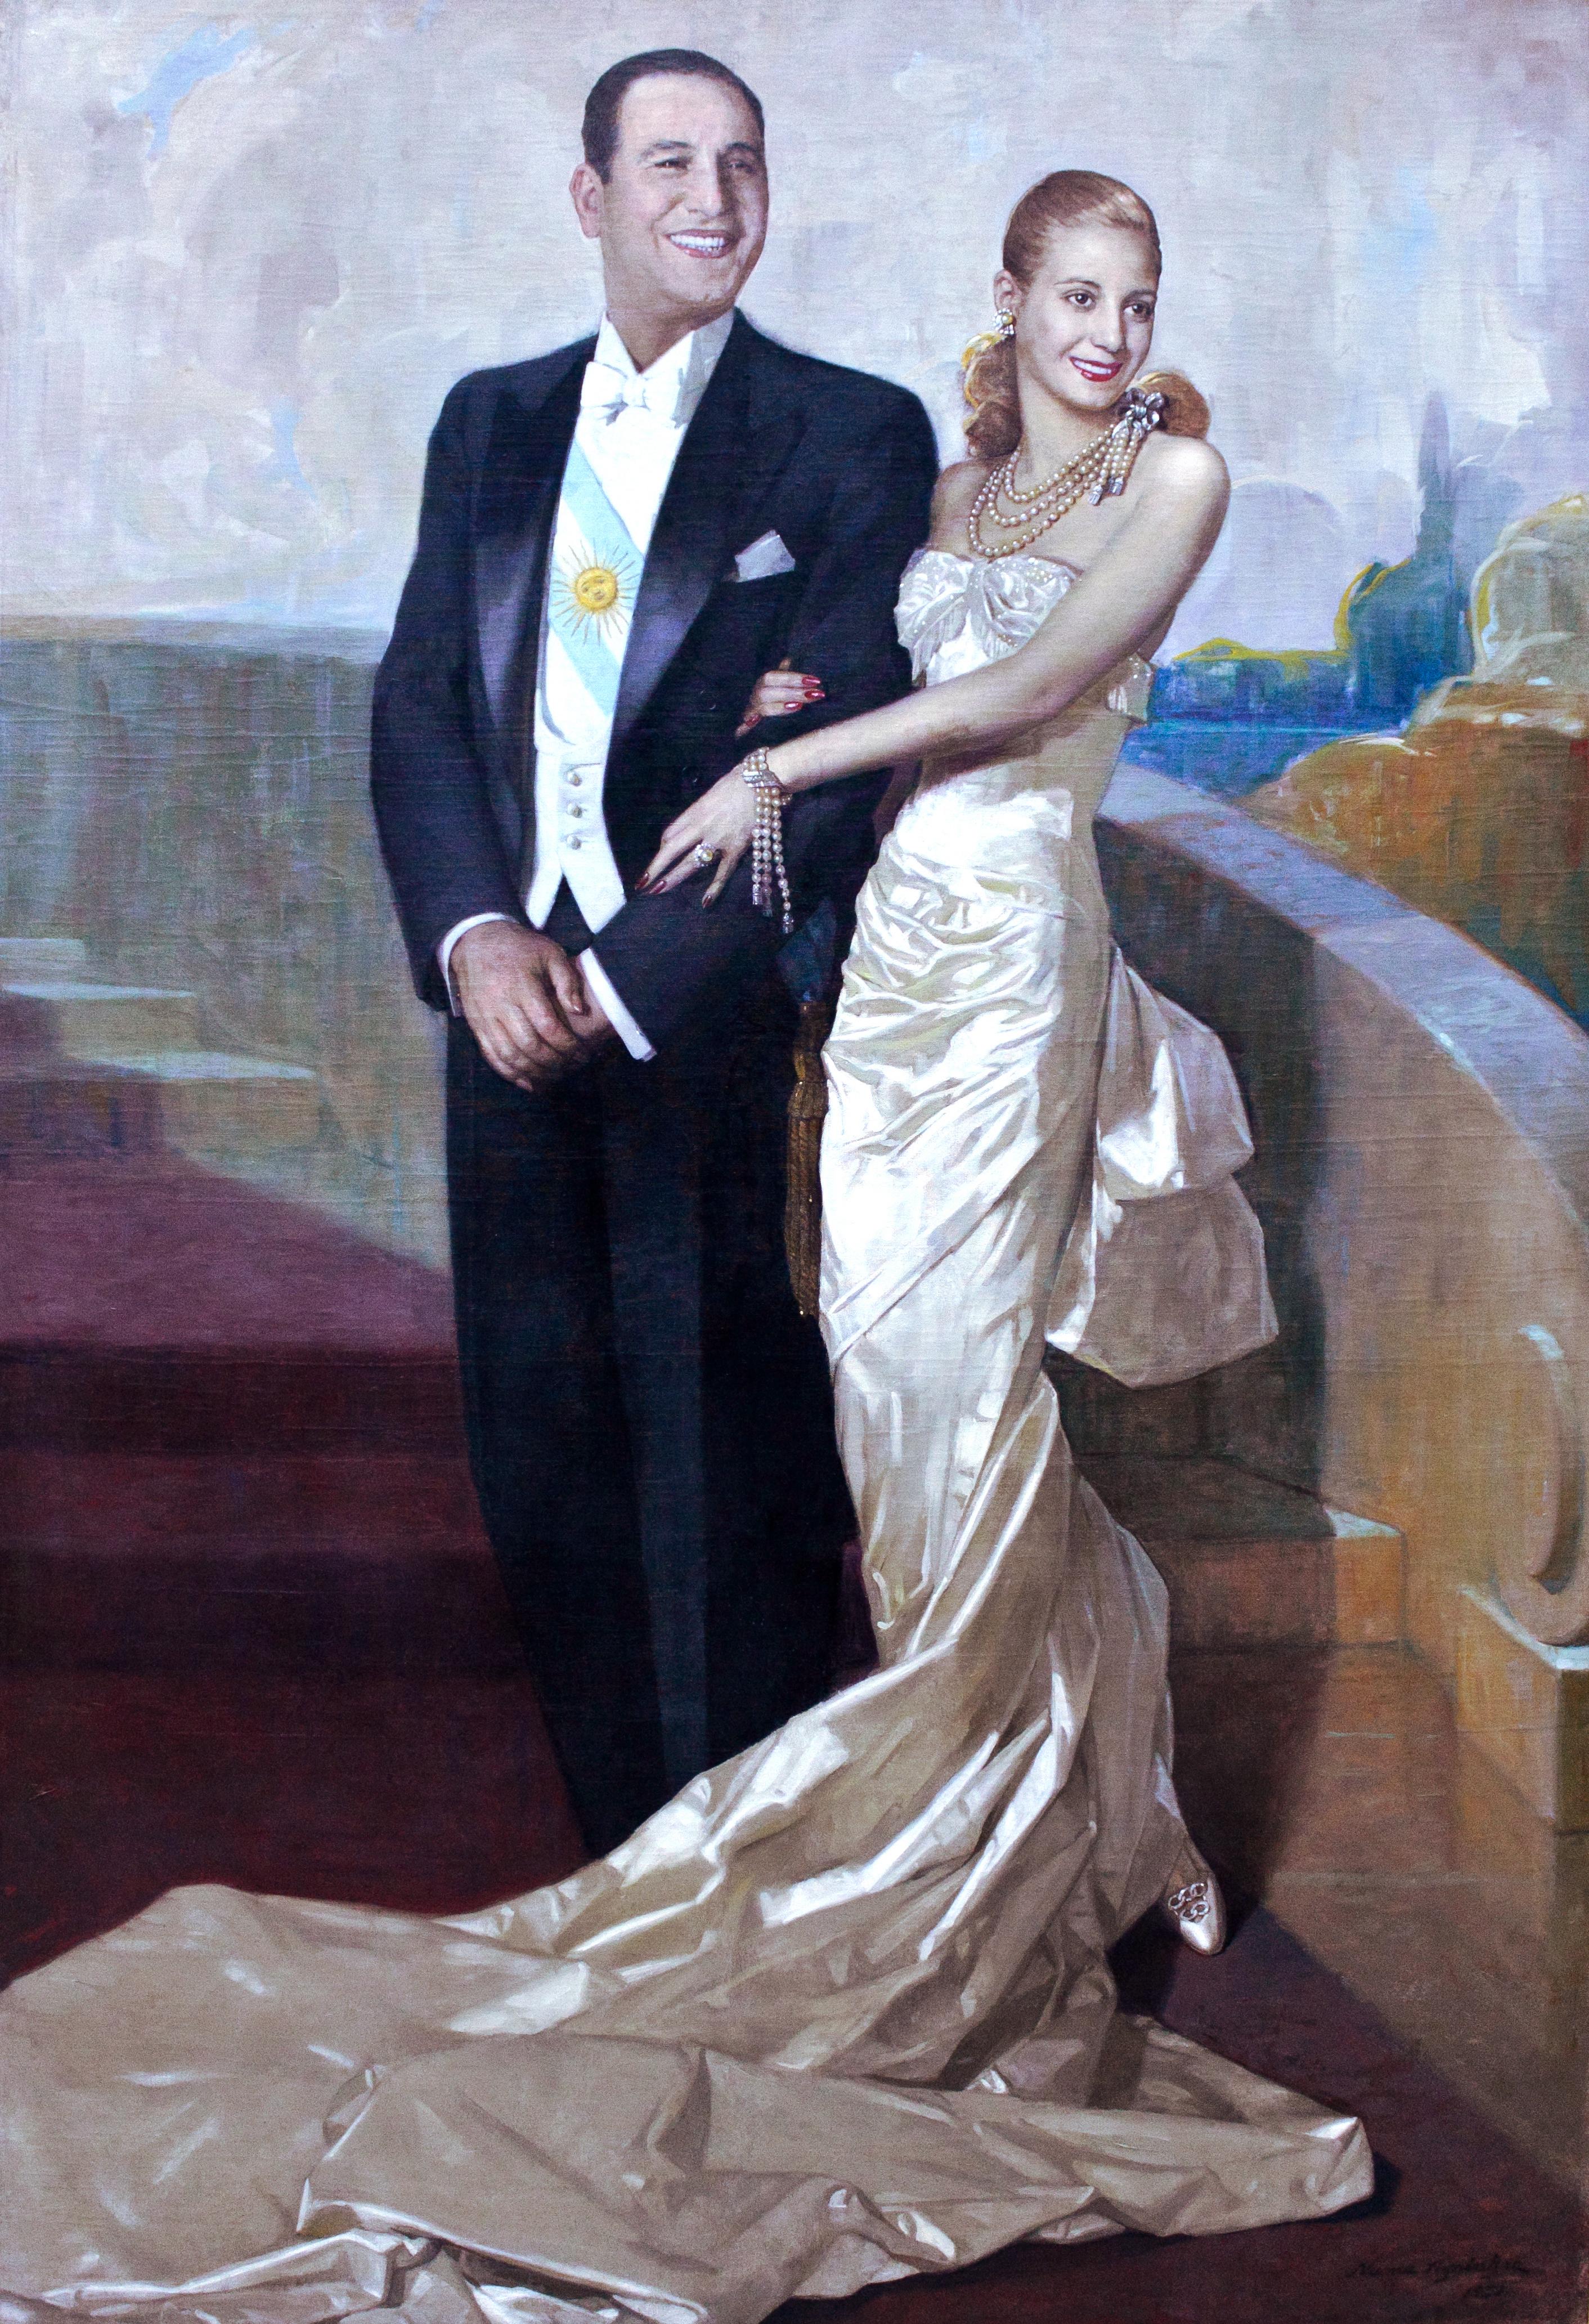 File:Museo del Bicentenario - 'Retrato de Juan Domingo Perón y Eva Duarte', Numa Ayrinhac.jpg